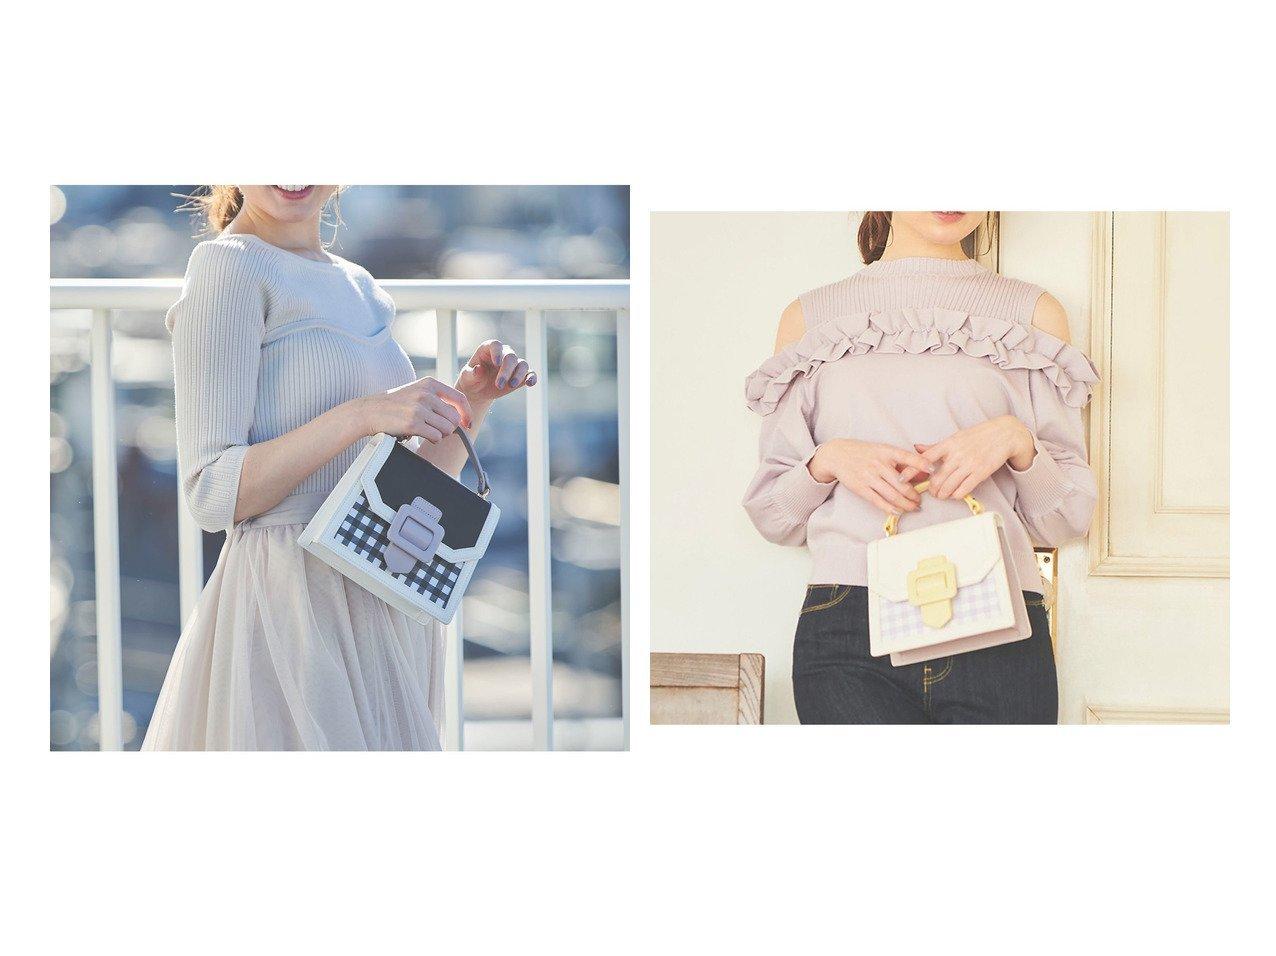 【31 Sons de mode/トランテアン ソン ドゥ モード】のカラーブロックミニショルダーバッグ 31 Sons de modeのおすすめ!人気、トレンド・レディースファッションの通販 おすすめで人気の流行・トレンド、ファッションの通販商品 メンズファッション・キッズファッション・インテリア・家具・レディースファッション・服の通販 founy(ファニー) https://founy.com/ ファッション Fashion レディースファッション WOMEN バッグ Bag NEW・新作・新着・新入荷 New Arrivals 2021年 2021 2021 春夏 S/S SS Spring/Summer 2021 S/S 春夏 SS Spring/Summer ギンガム ハンドバッグ |ID:crp329100000020122